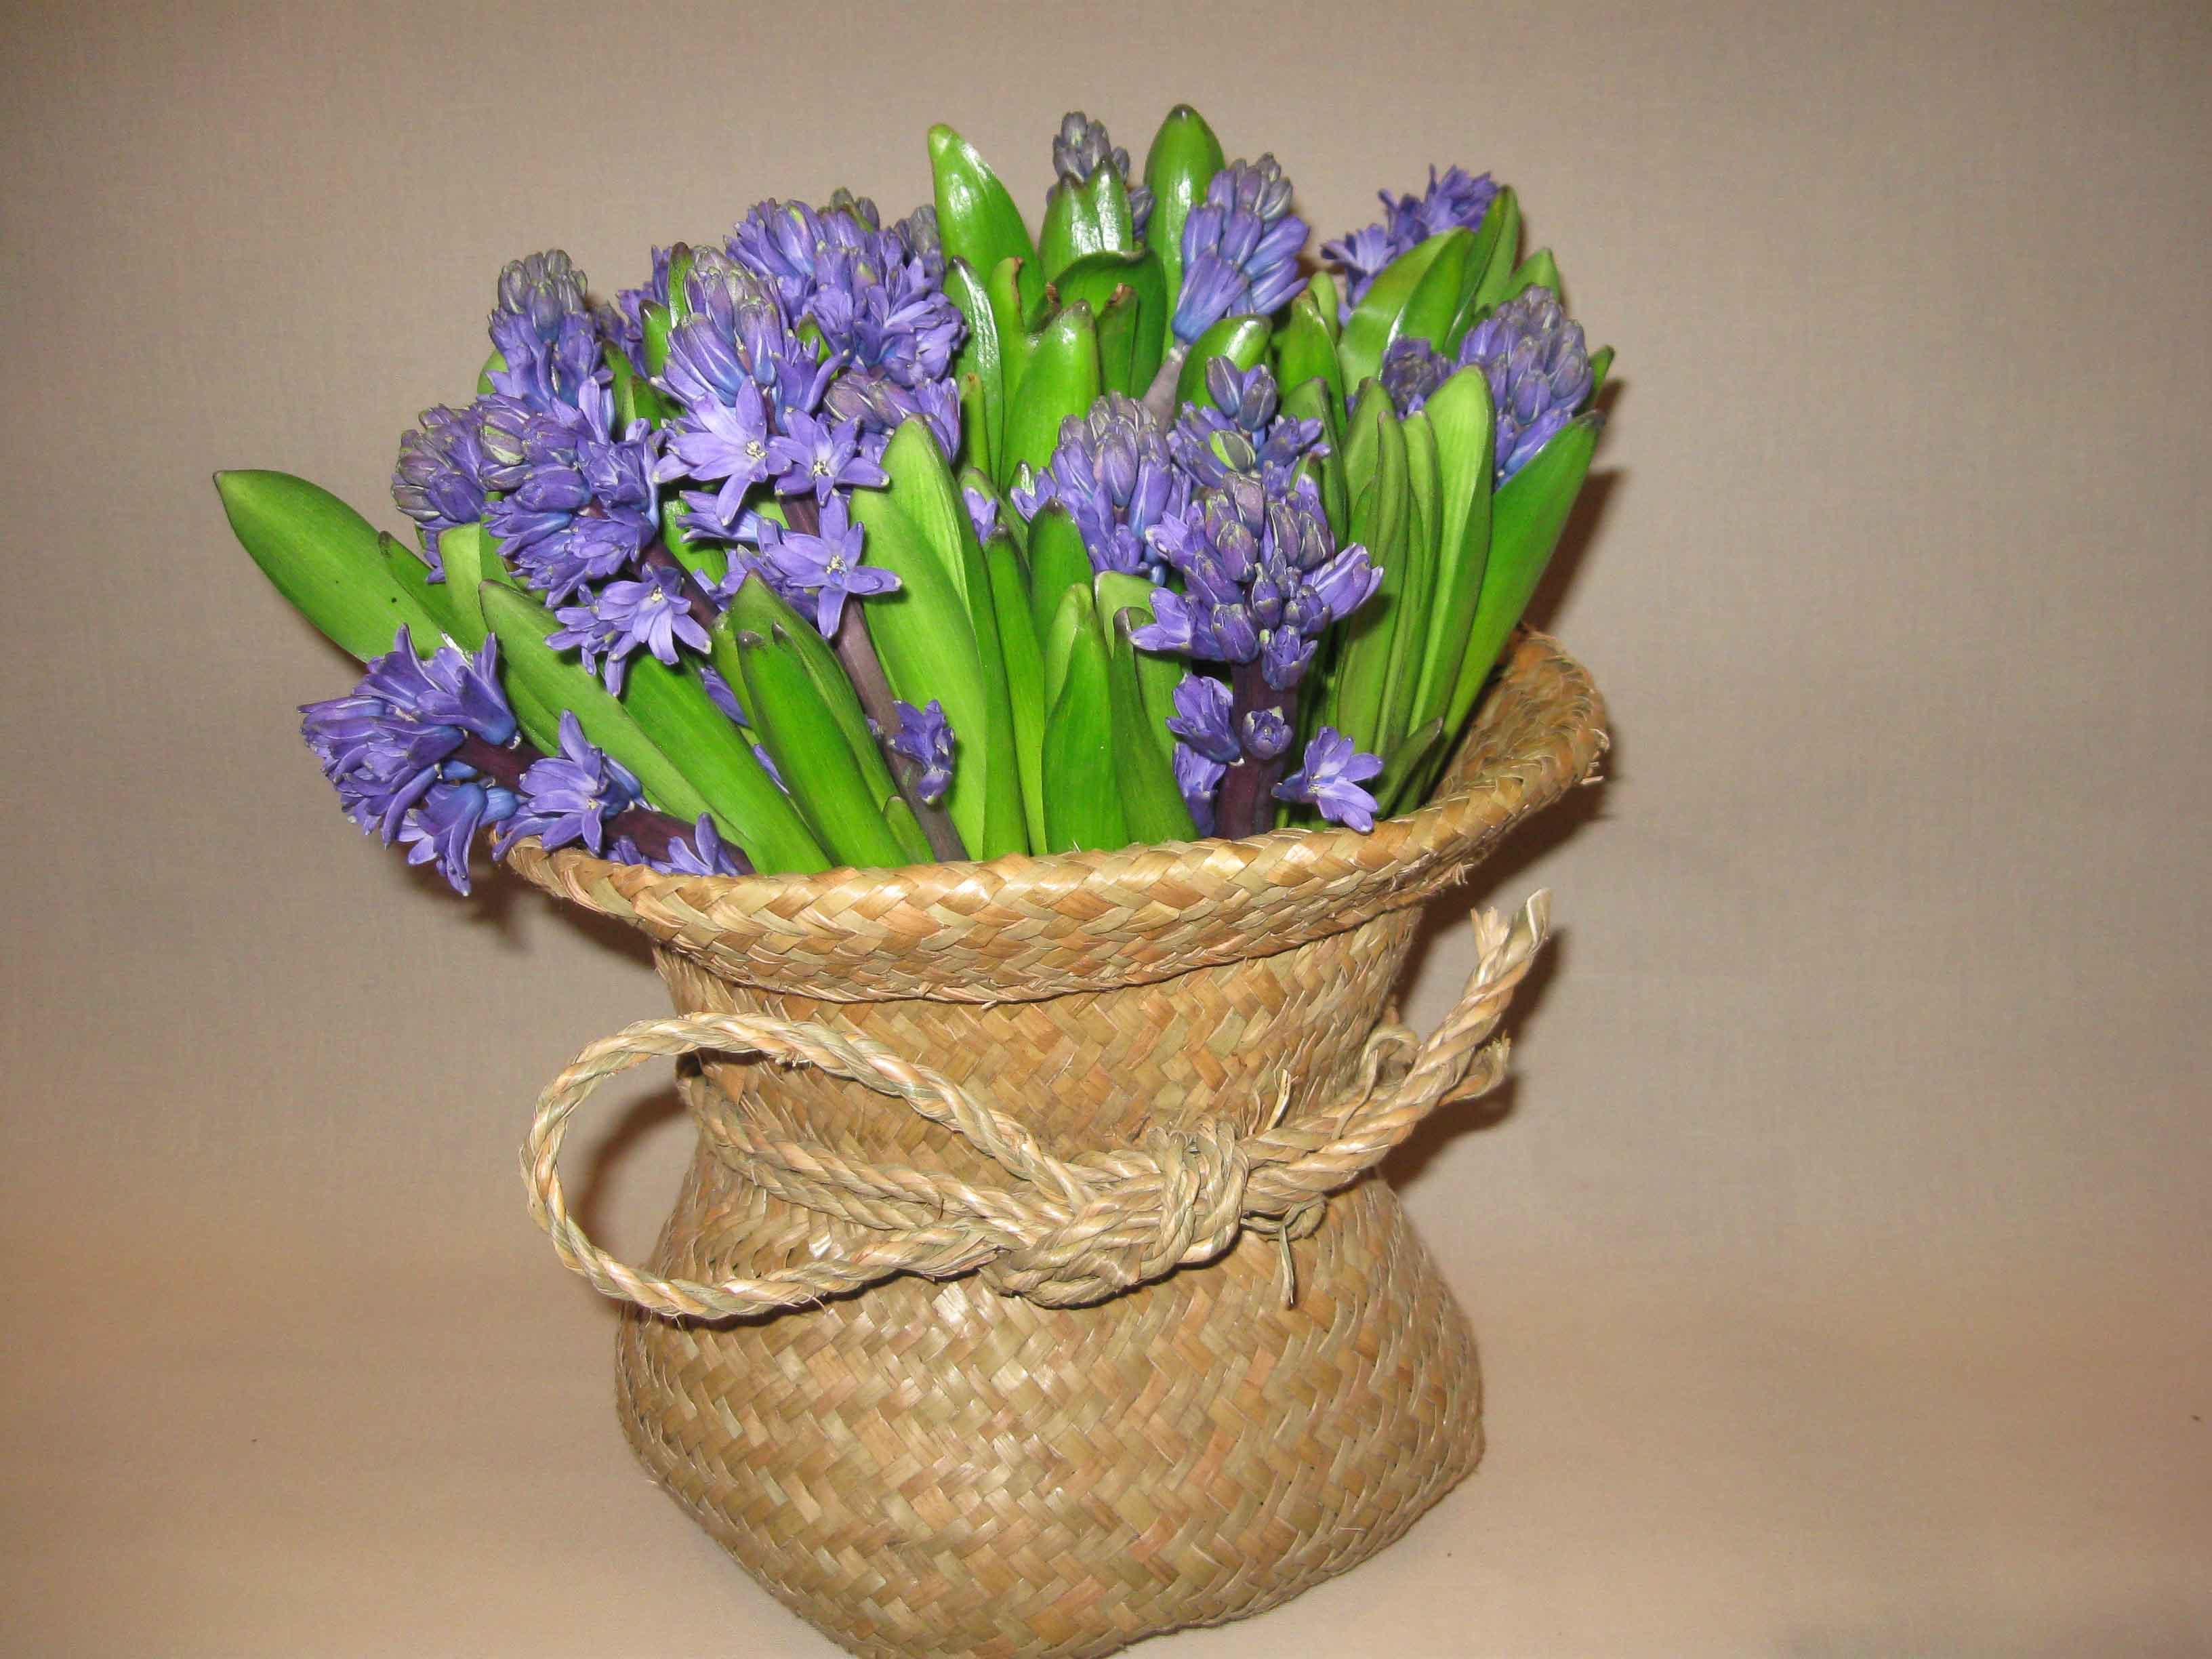 Giacinto significato - come curare i fiori di giacinto - I bulbi del giacinto - I colori del giacinto - Fioristi a milano centro